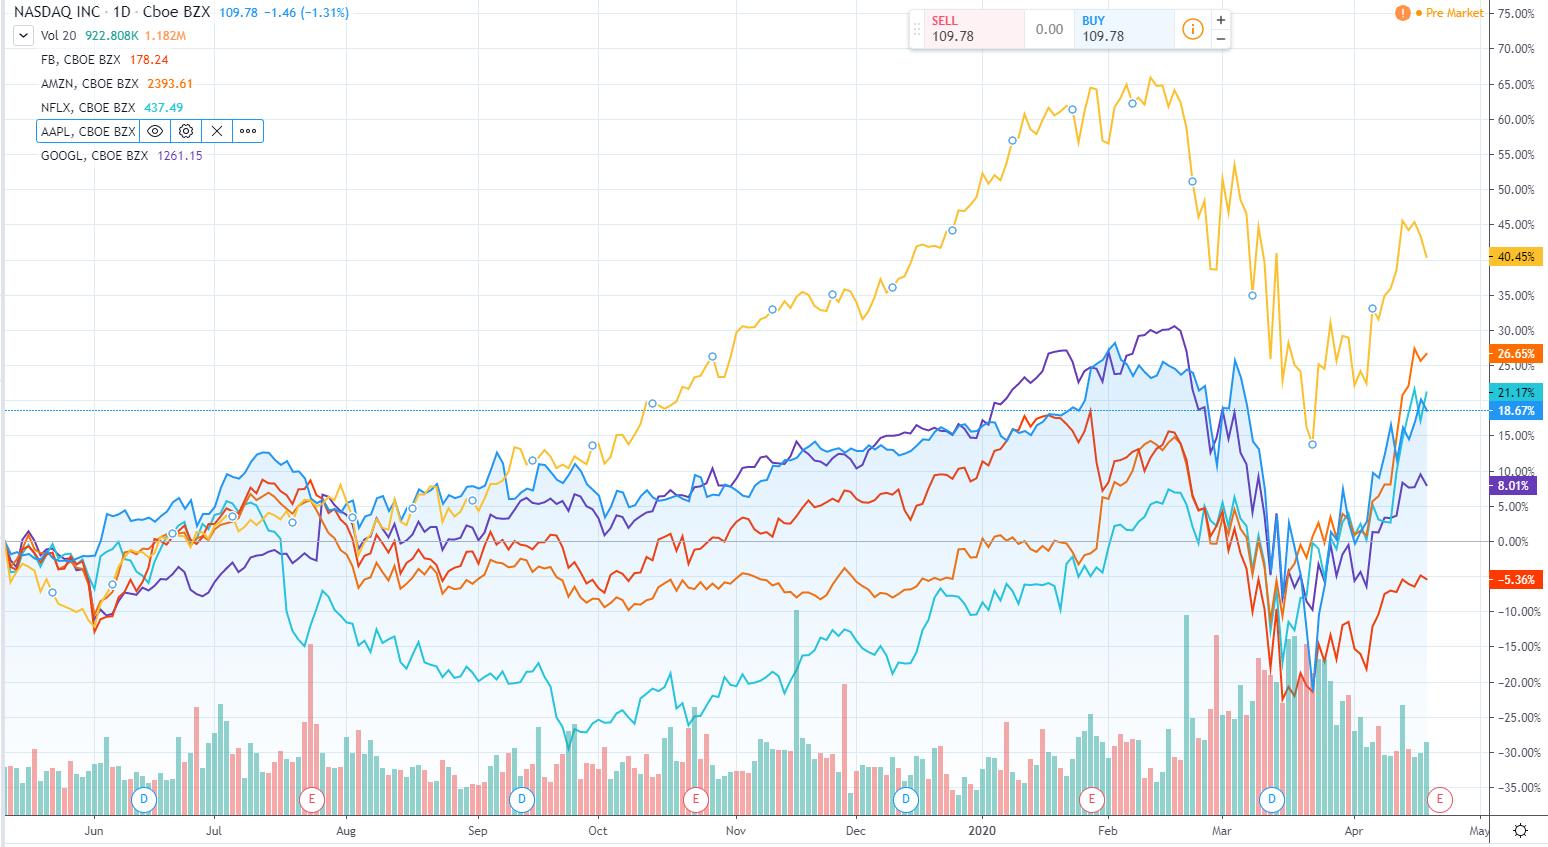 FAANG akcie volatilita